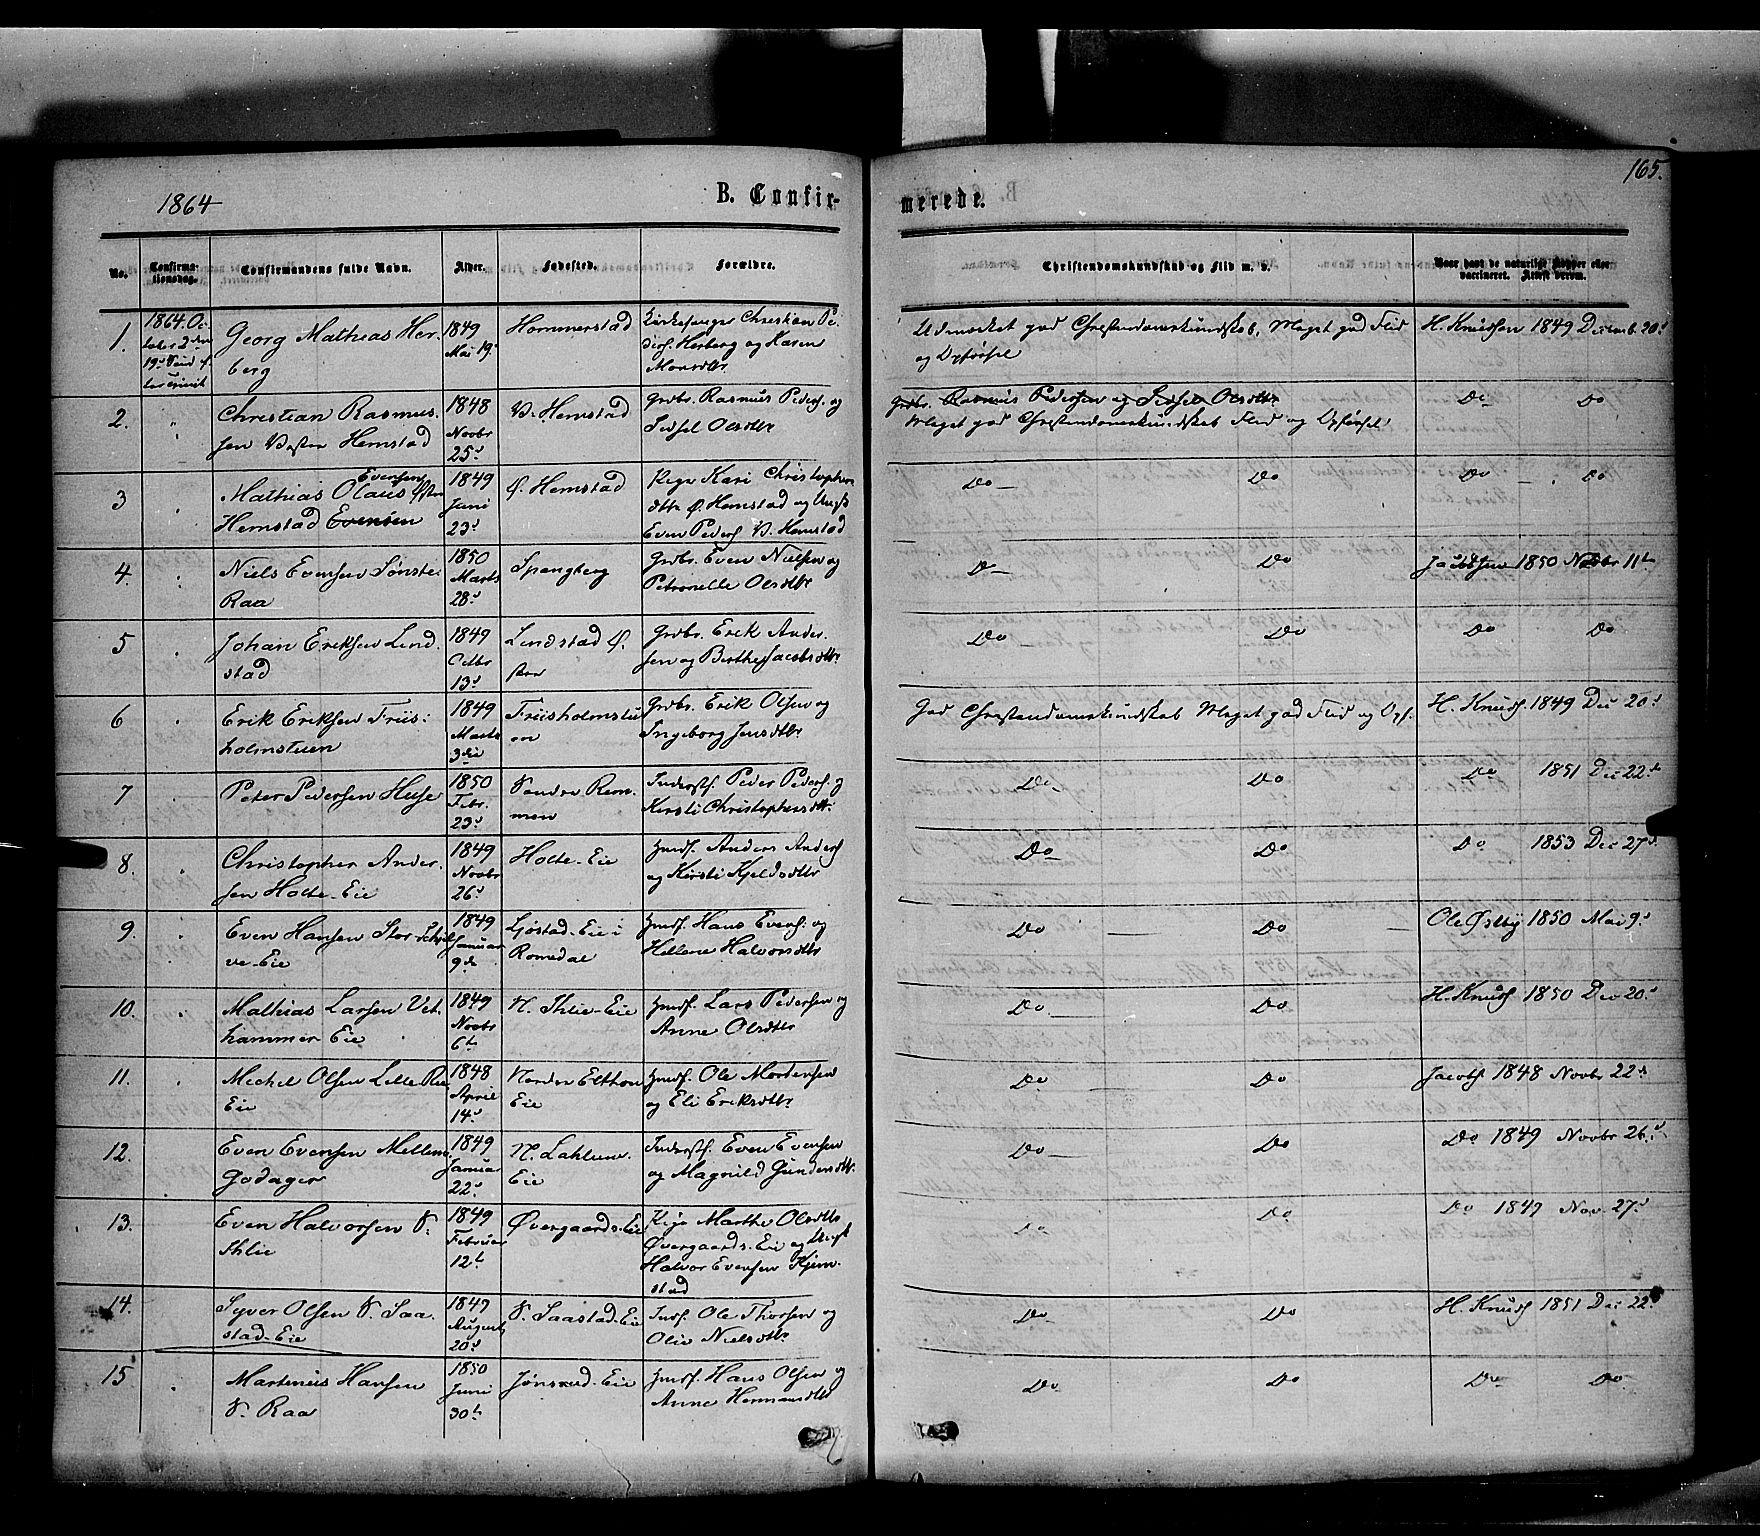 SAH, Stange prestekontor, K/L0013: Parish register (official) no. 13, 1862-1879, p. 165